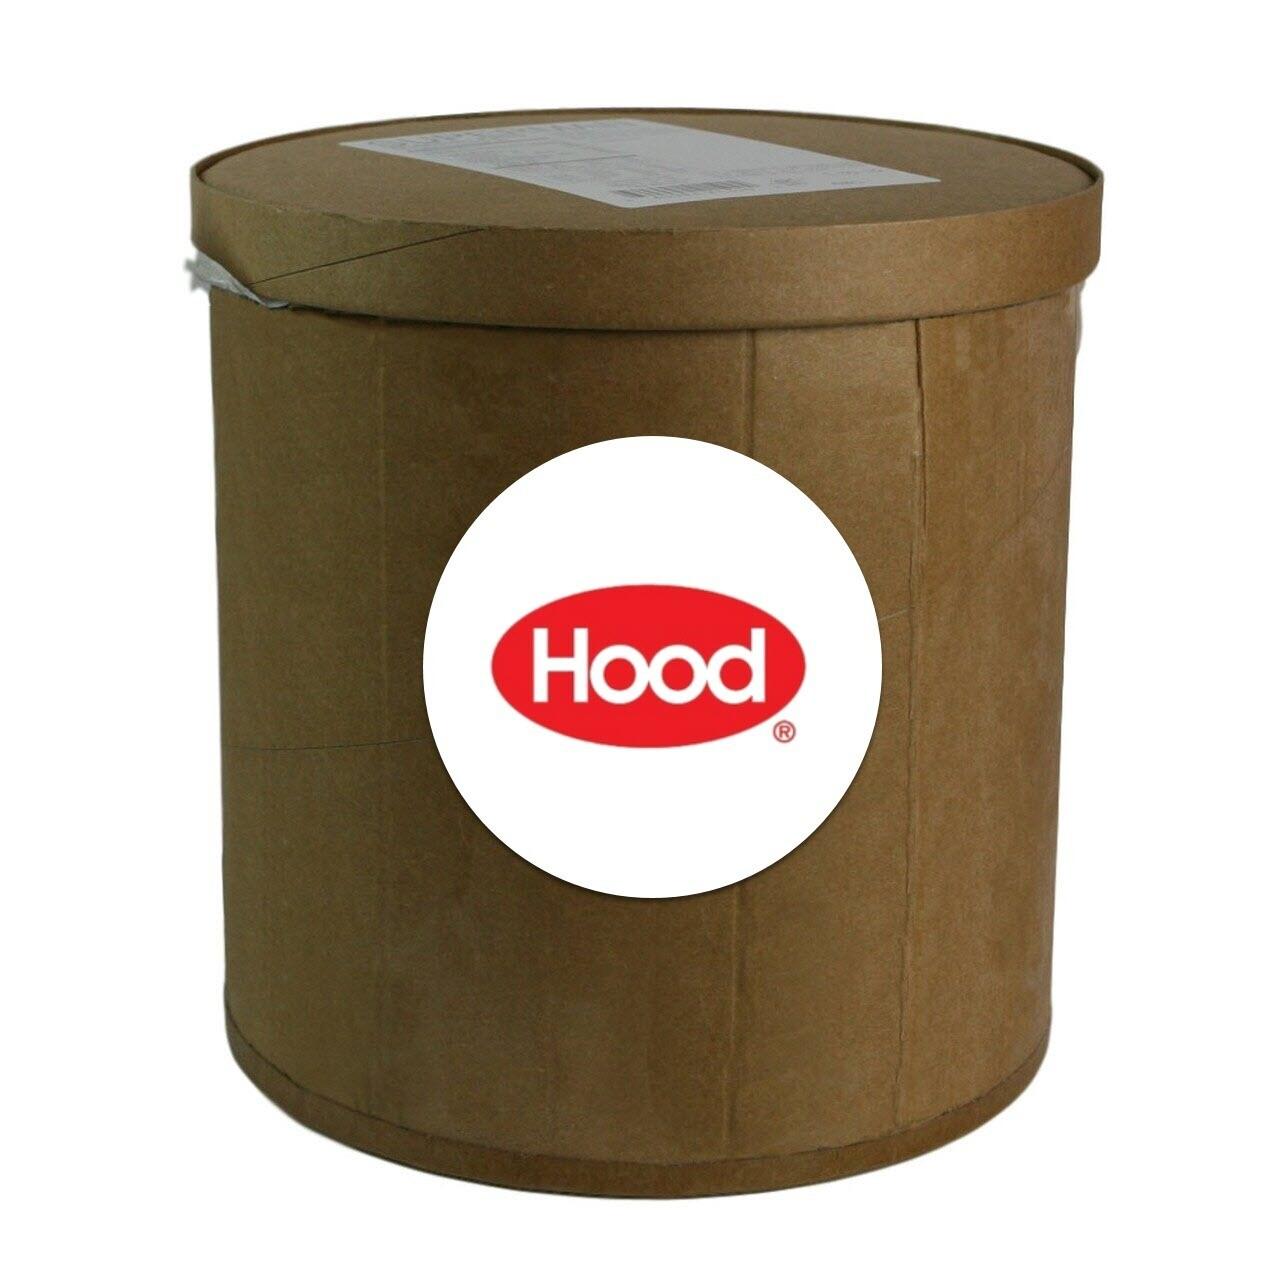 * Hood Vanilla Ice Cream 3 Gal Tub